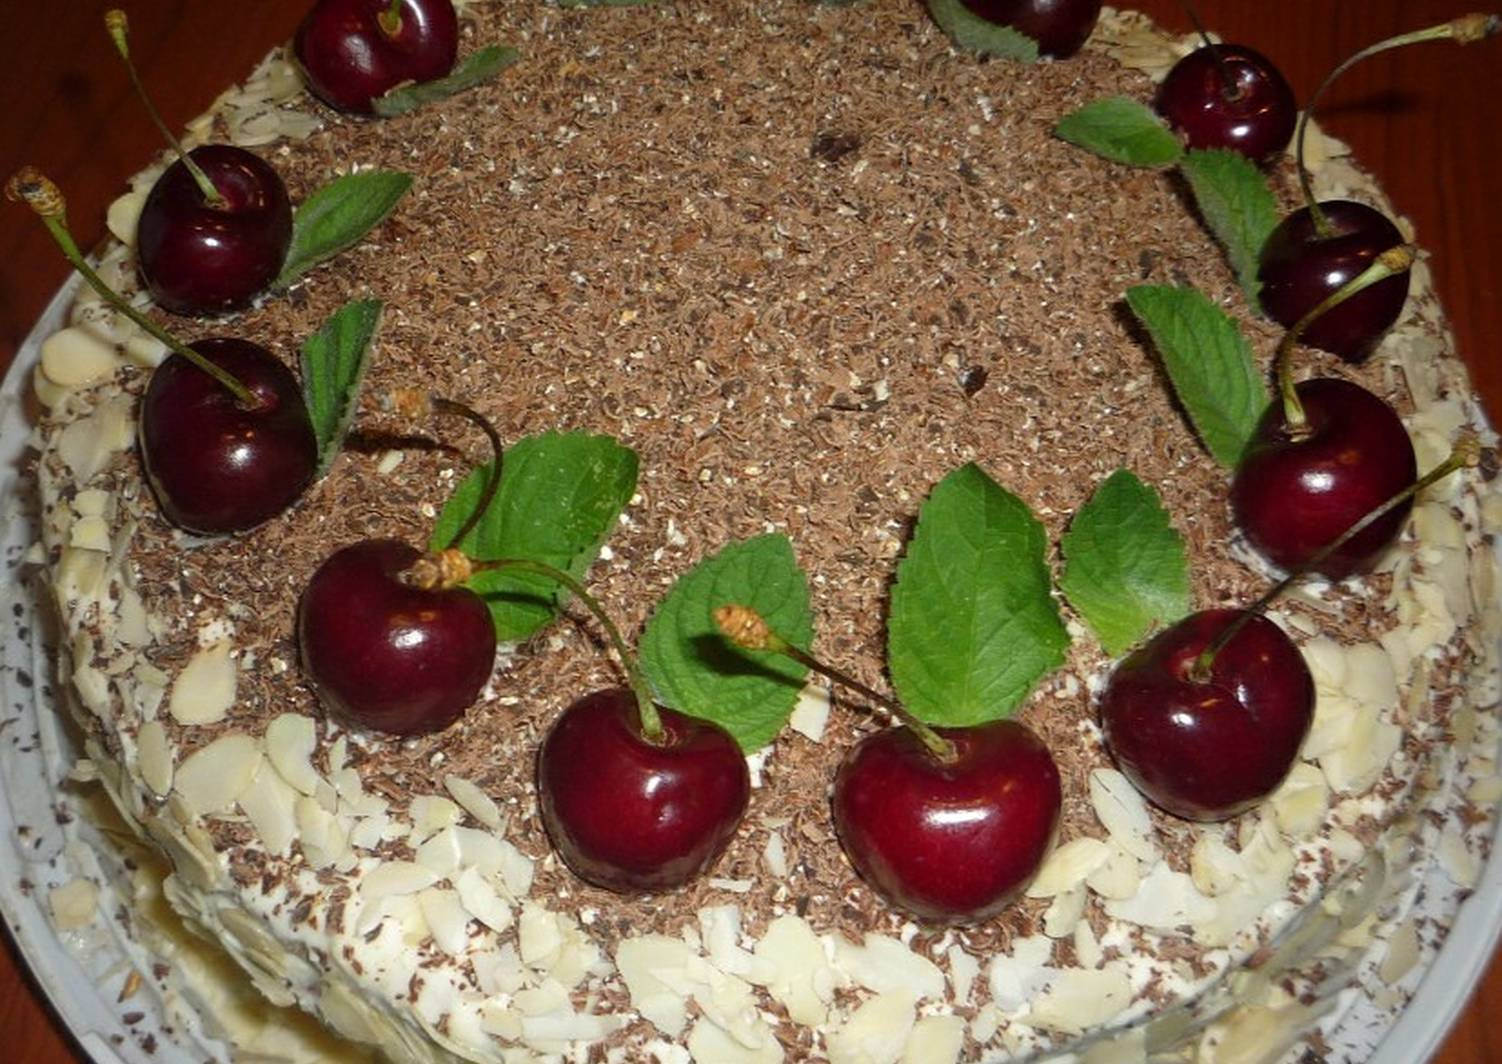 уровень торт именинный рецепт с фото переборщить долготой поцелуя